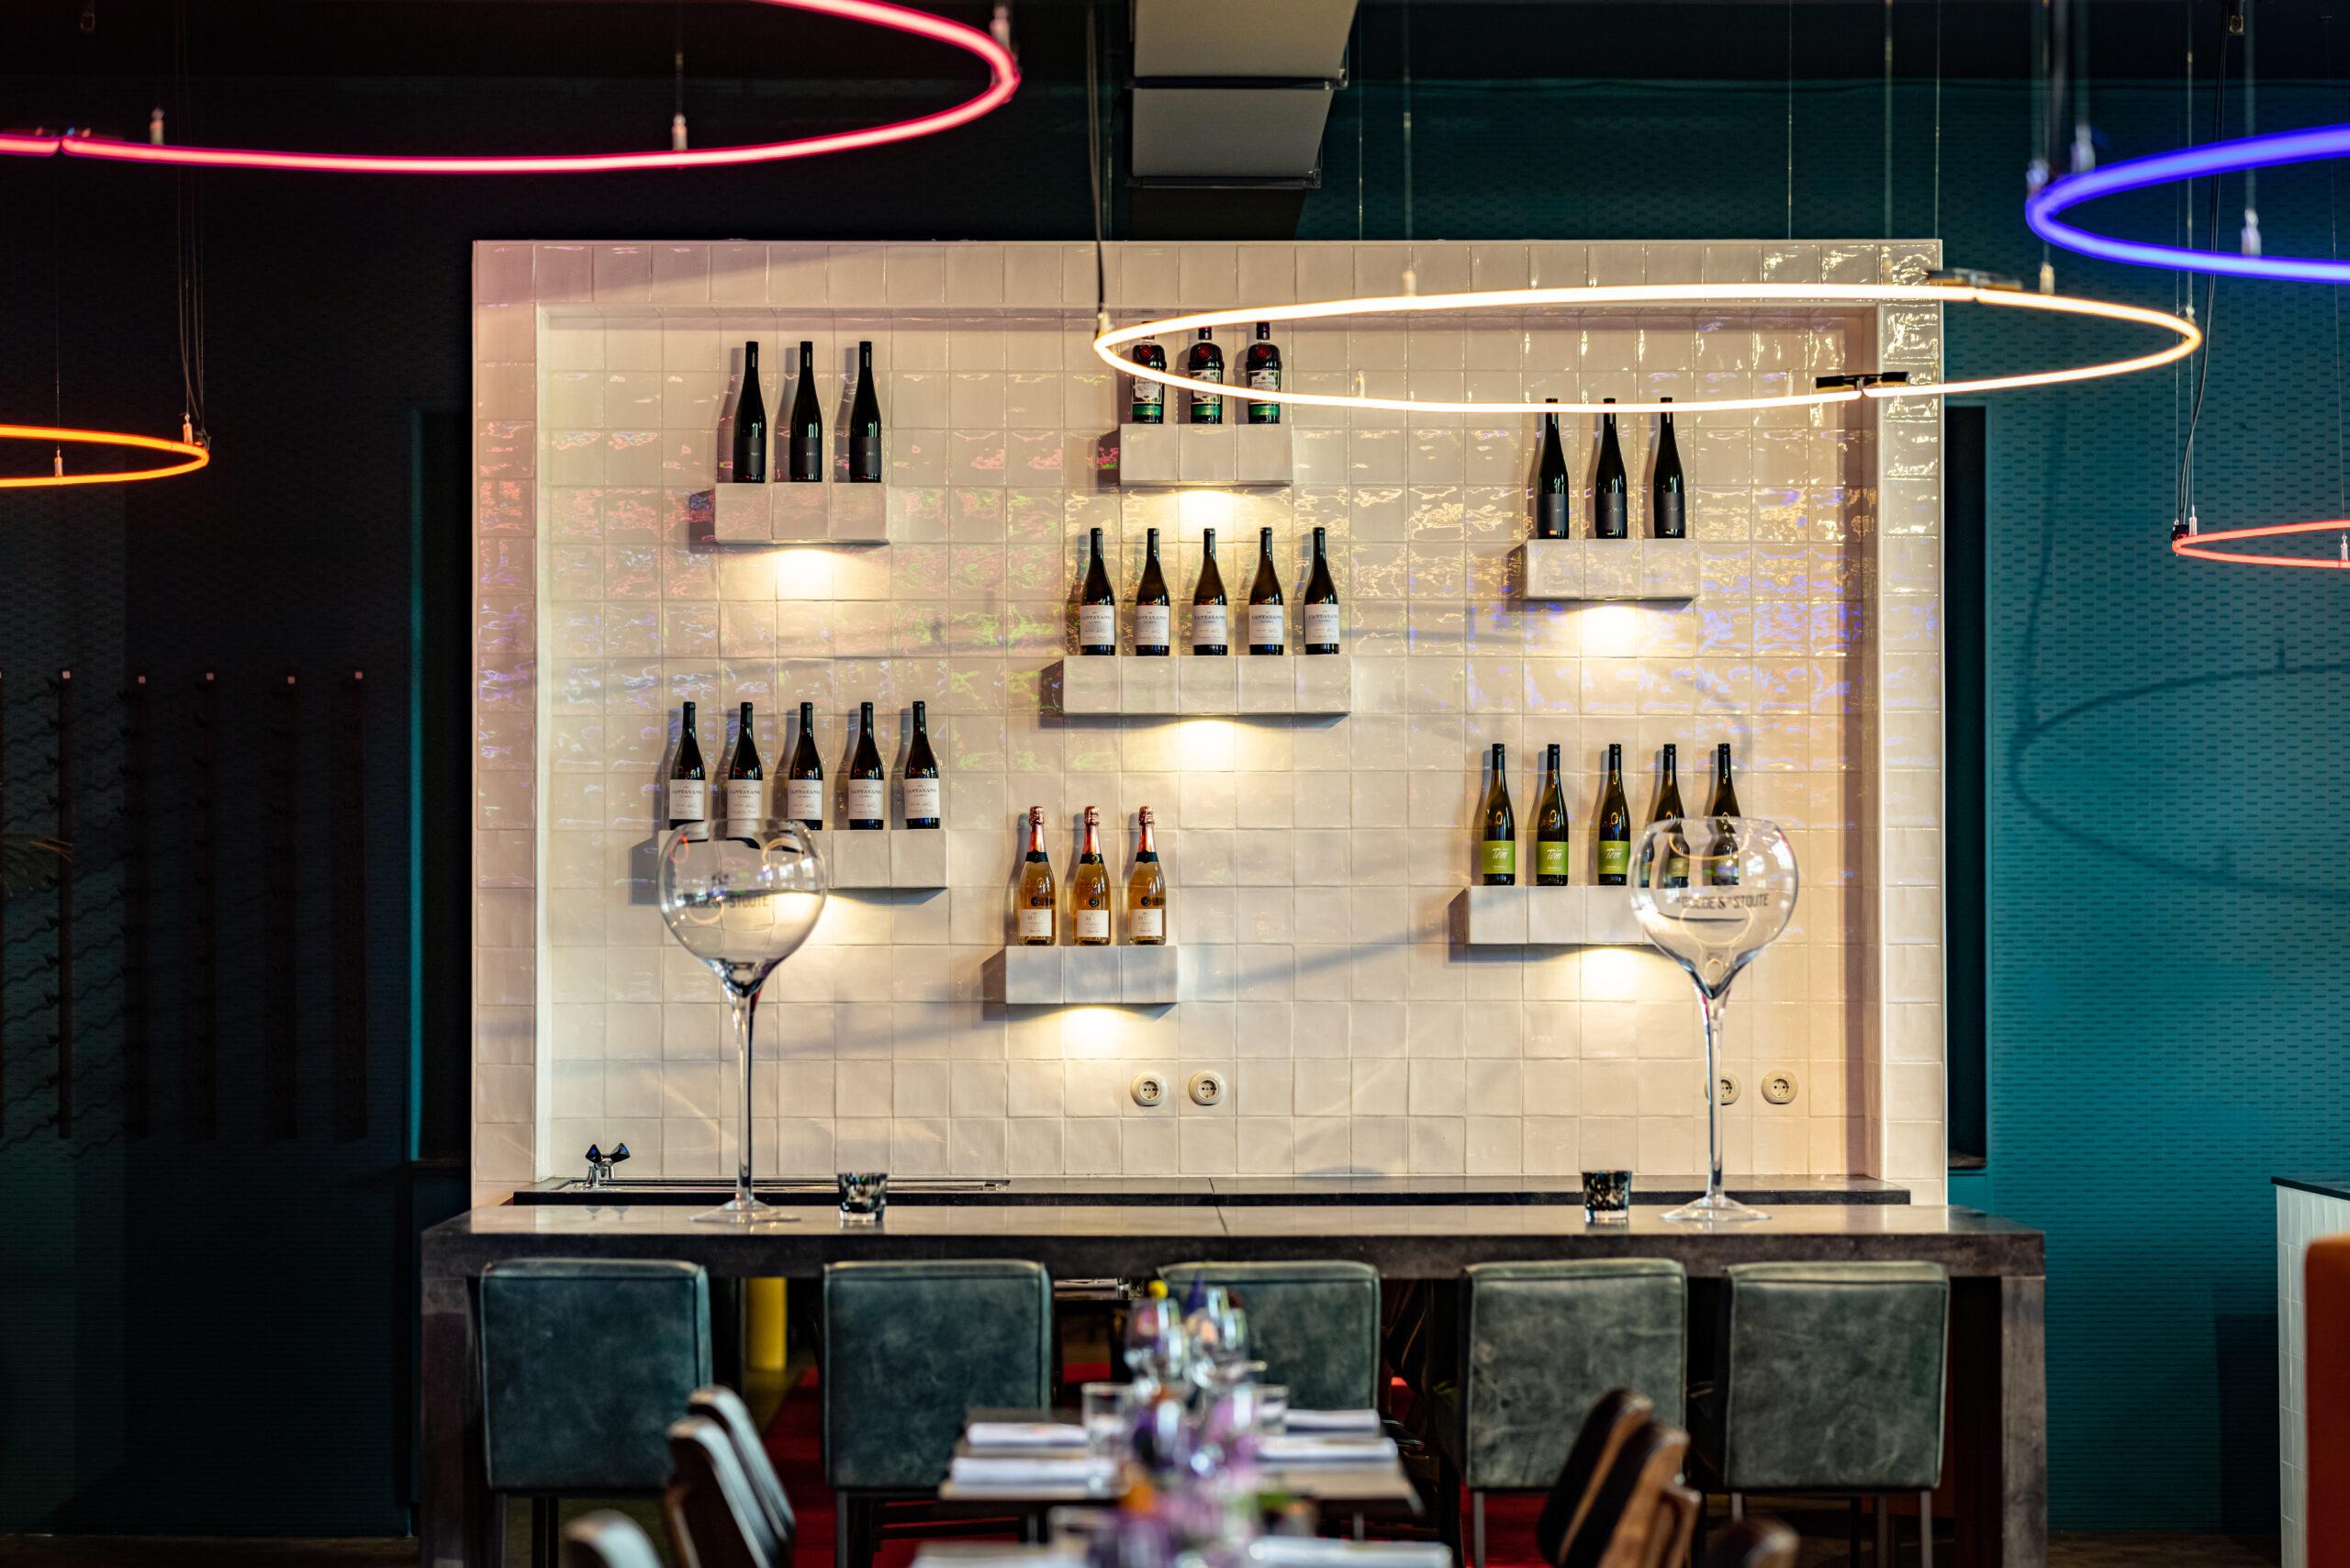 Restaurant Daalder Amsterdam verhuist van de Jordaan naar Amsterdam West (het vroegere Edel)